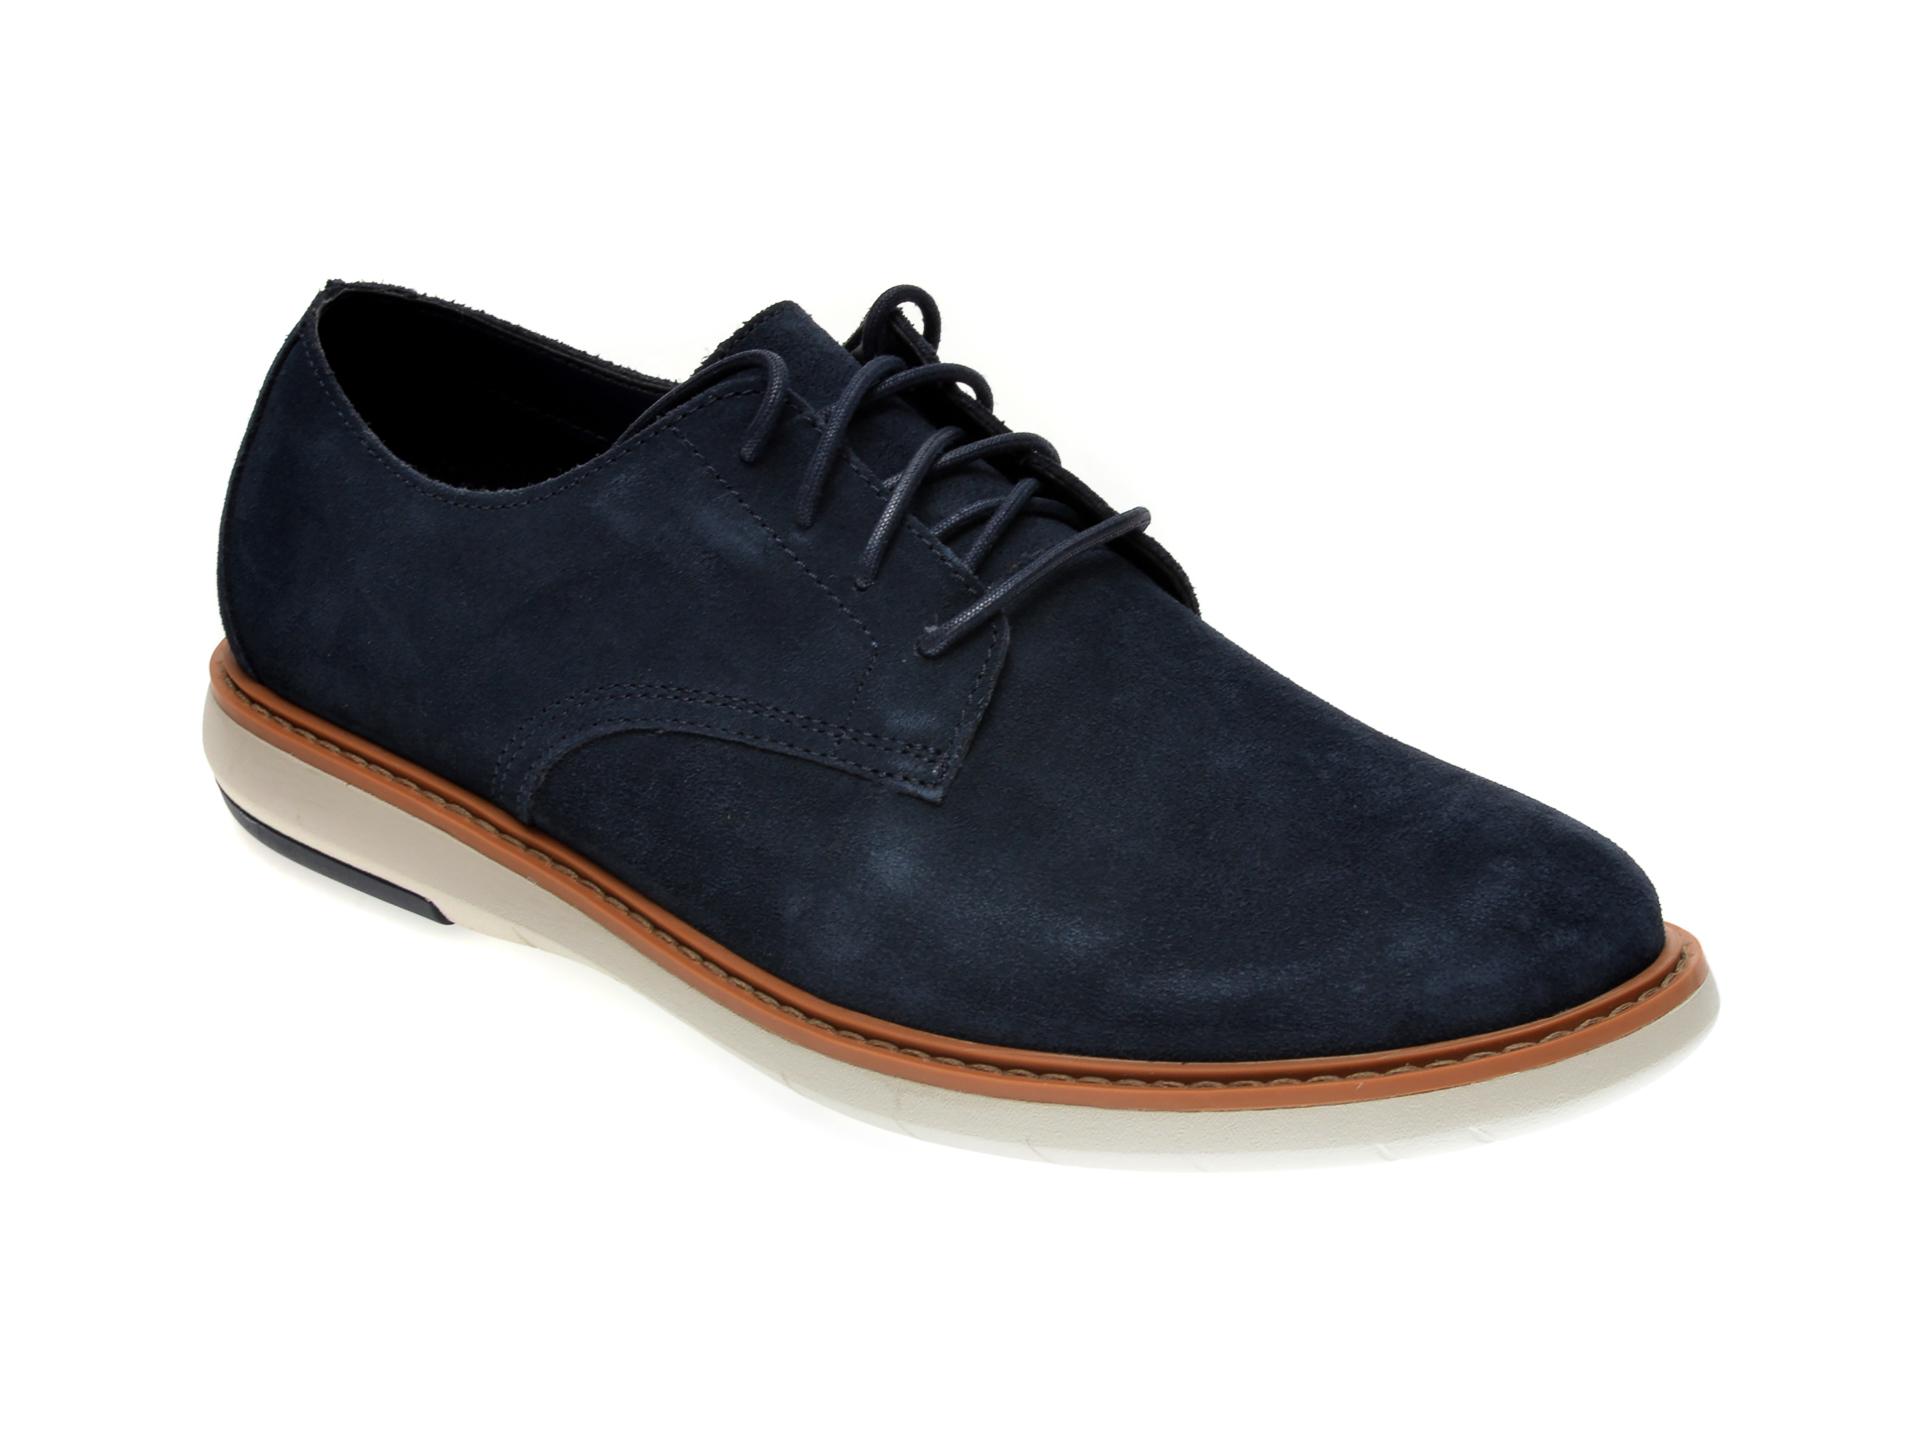 Pantofi CLARKS bleumarin, DRAPER LACE, din piele intoarsa imagine